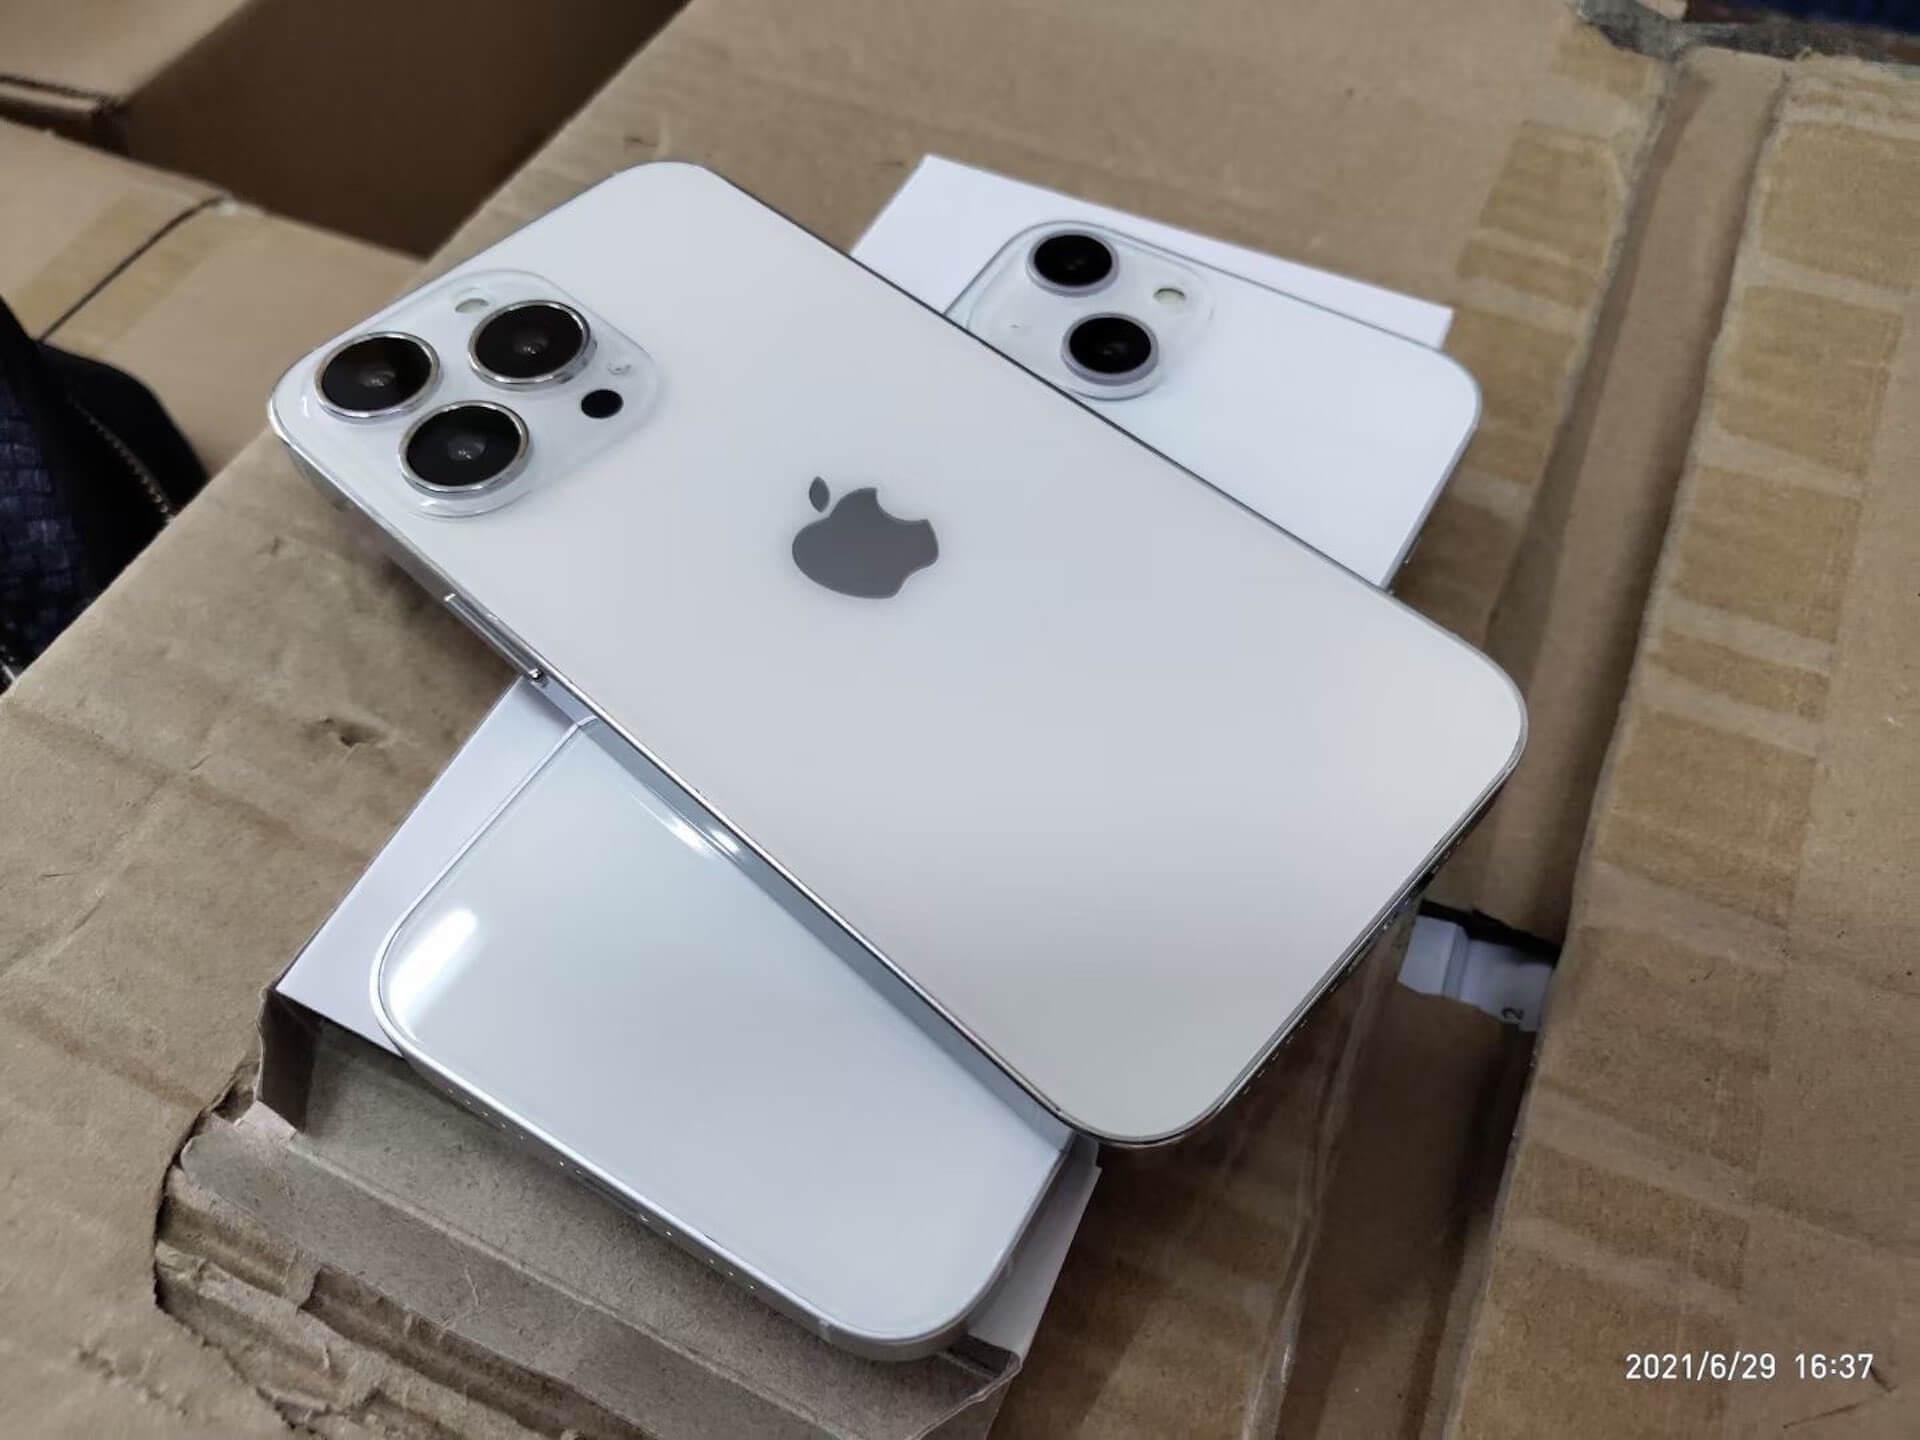 9月発表とうわさのiPhone 13シリーズはこんな感じ?モックアップ画像が公開 tech210630_iphone13_main